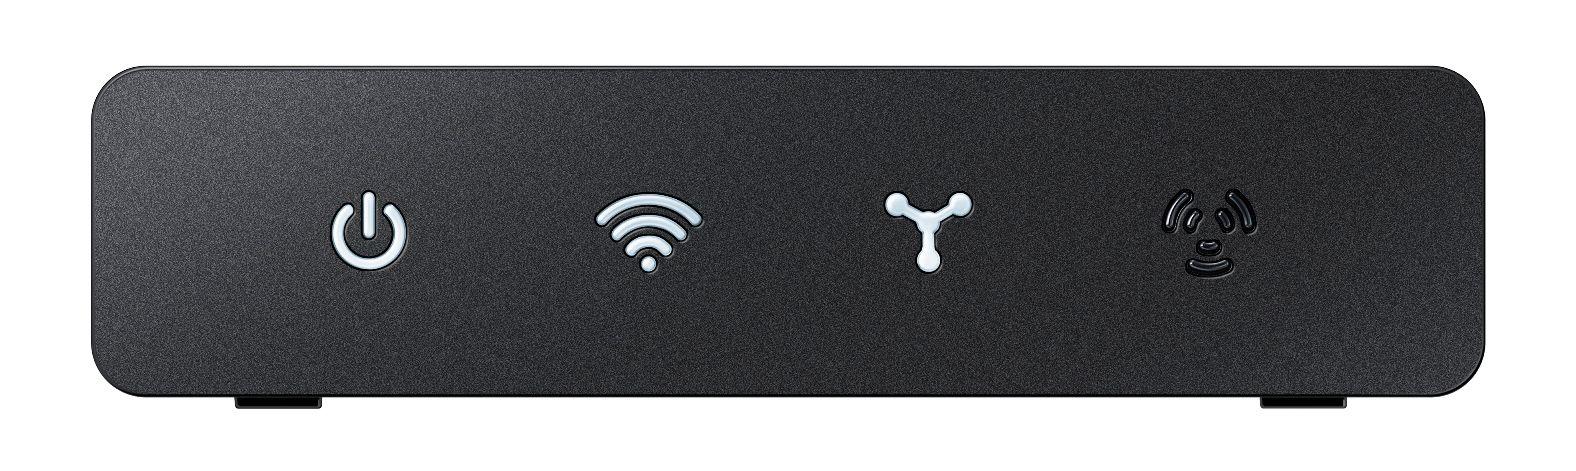 Med høyttalerne M5 og M7, to aktive enheter med innebygget Spotify Connect, akter Samsung å utfordre Sonos.